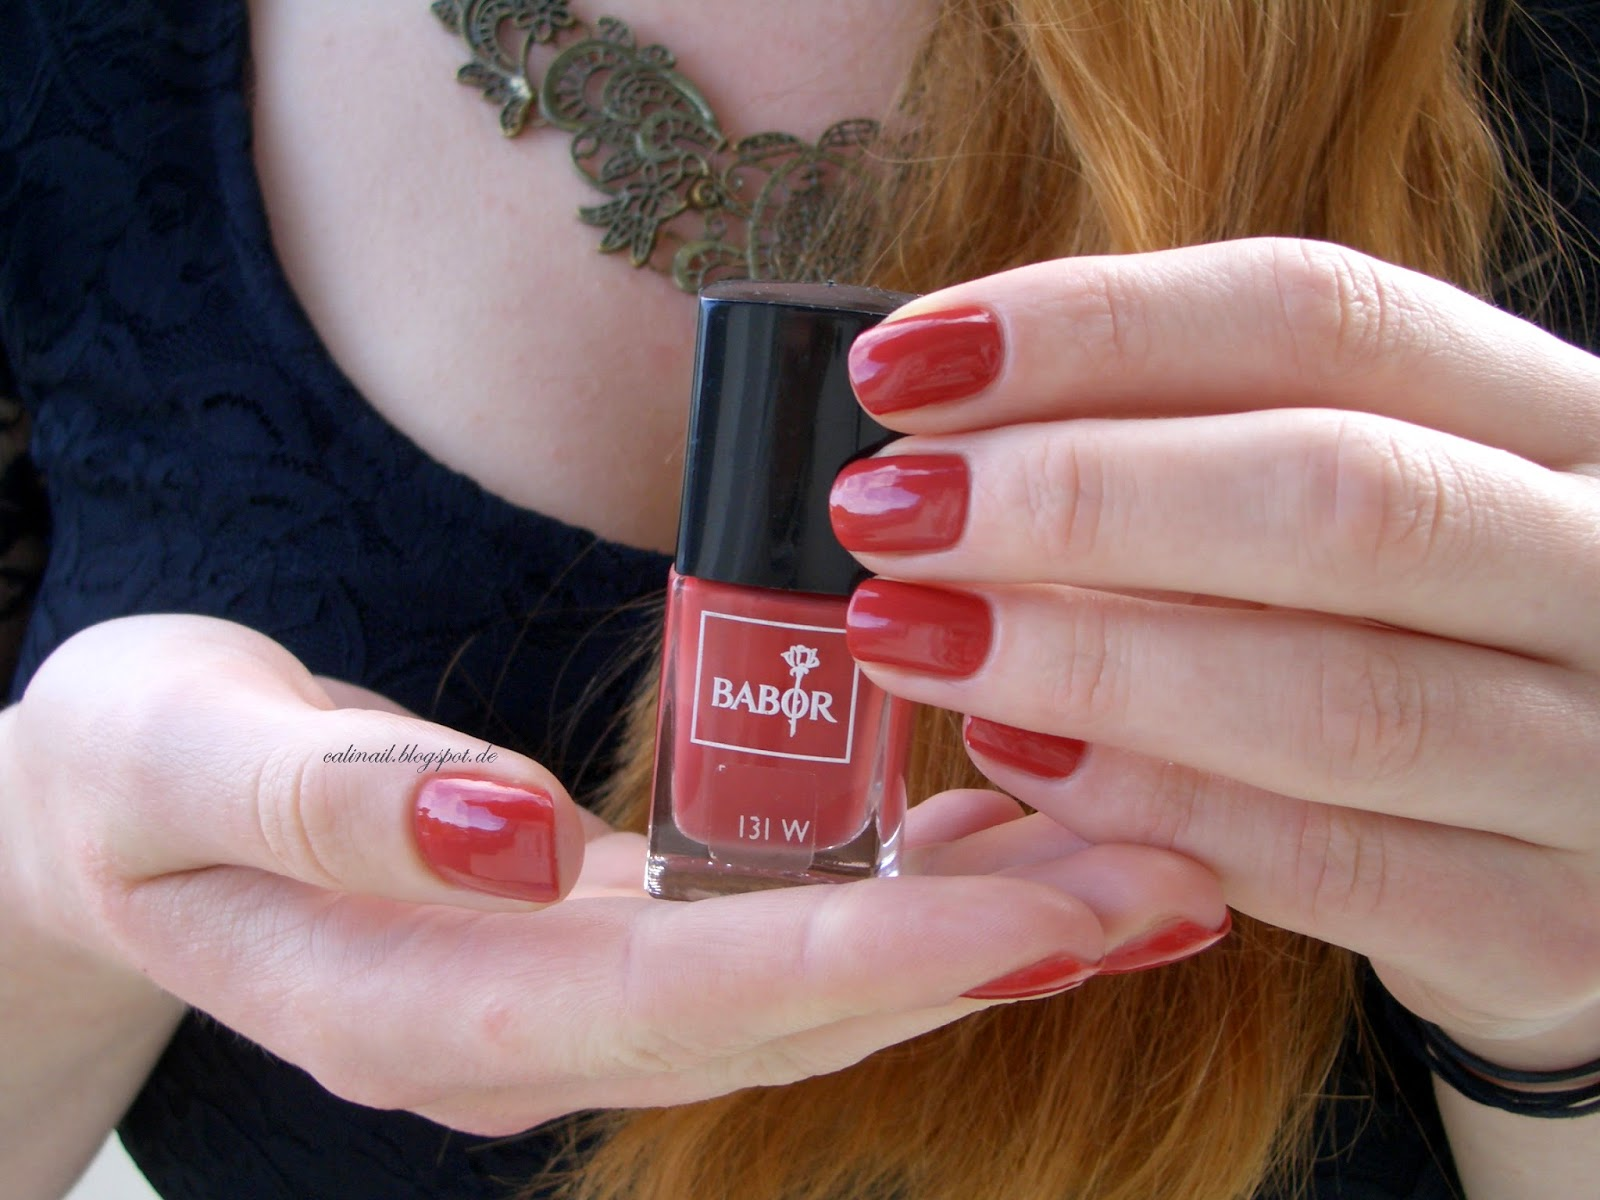 Calinail: Babor - Nagellack made in Germany